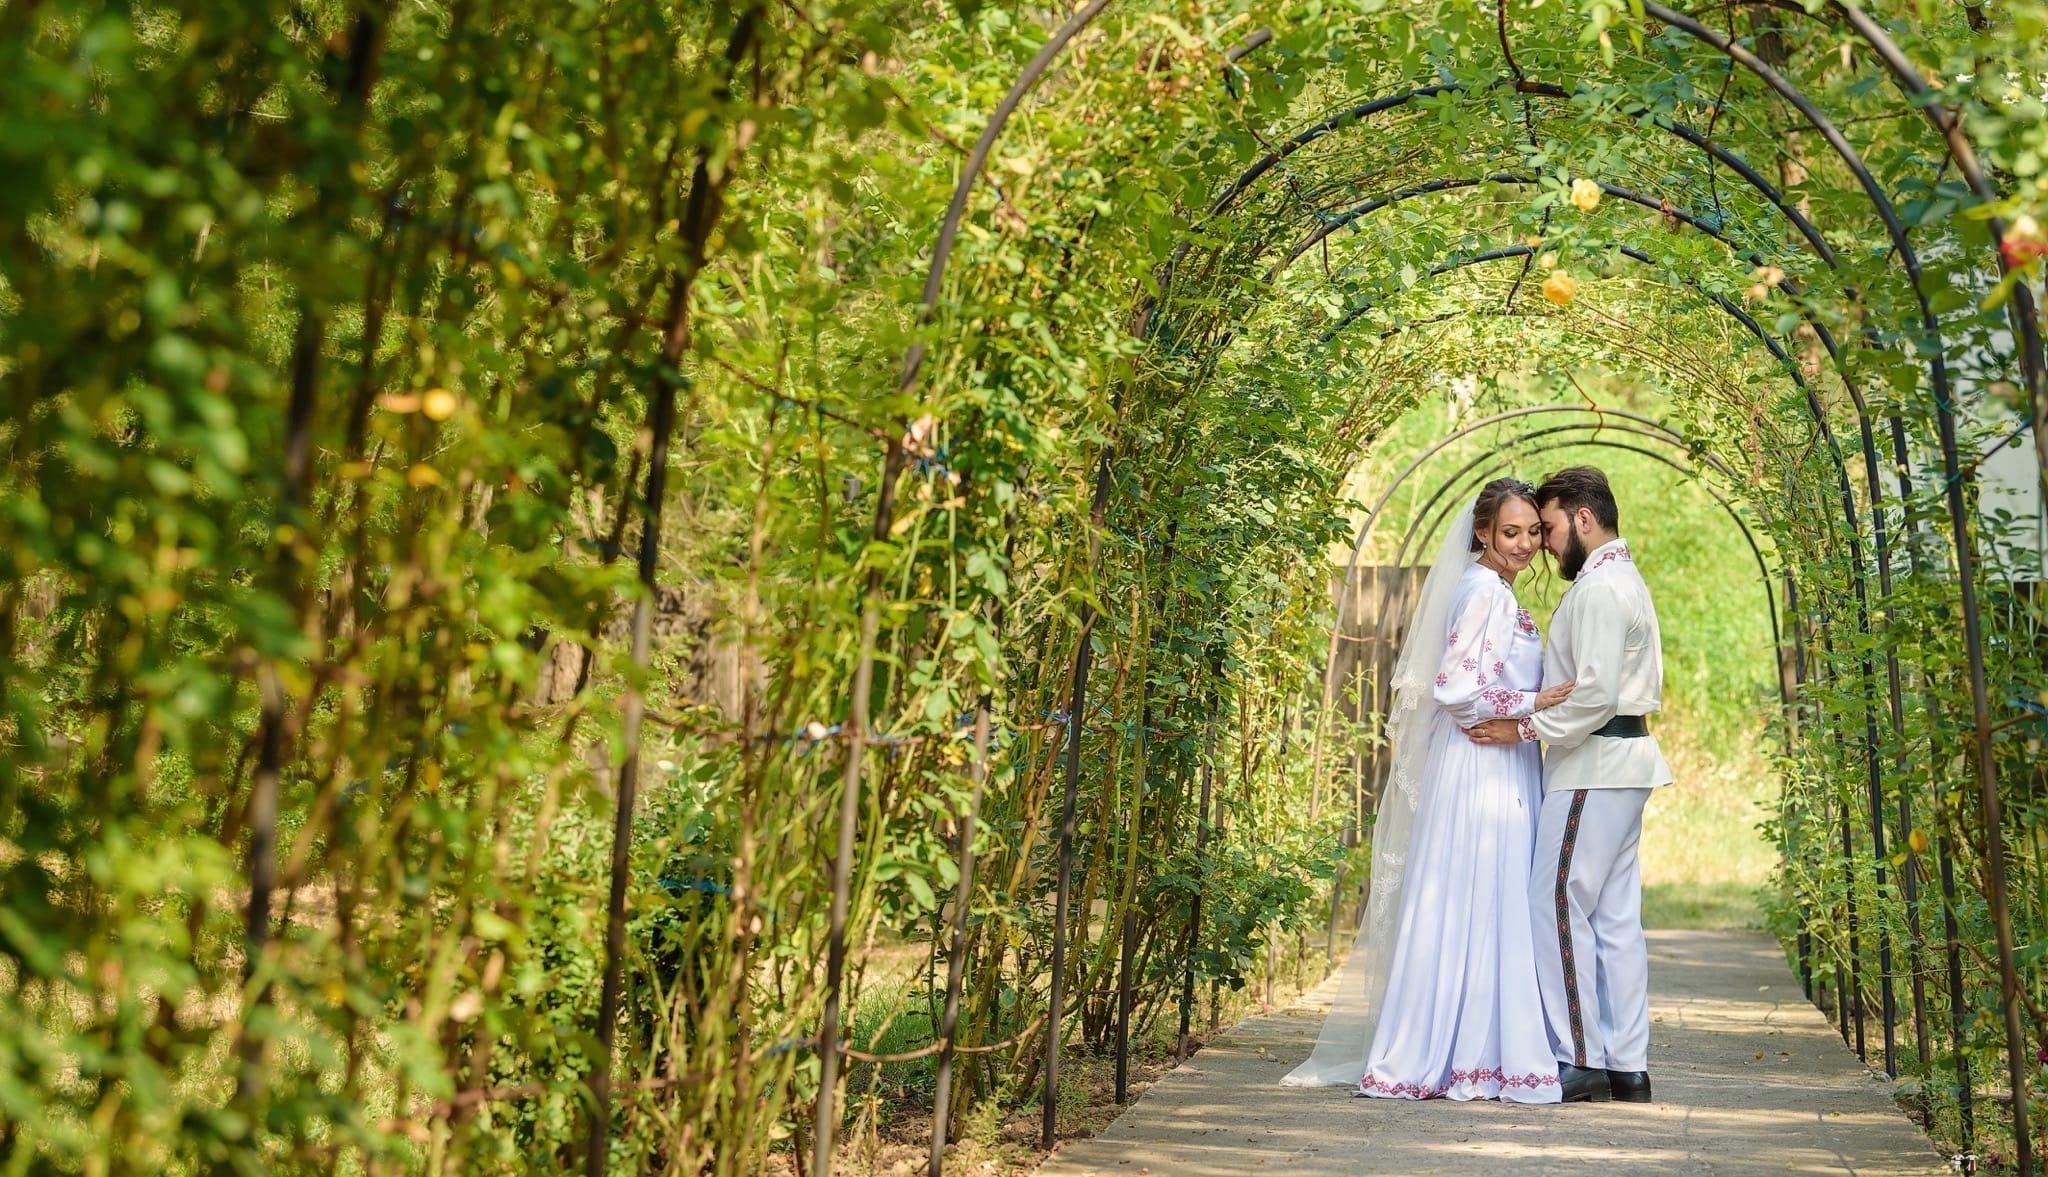 Povești Nunți Tradiționale - Daniela și Cristian, nuntă tradițională în Slobozia, Giurgiu 9